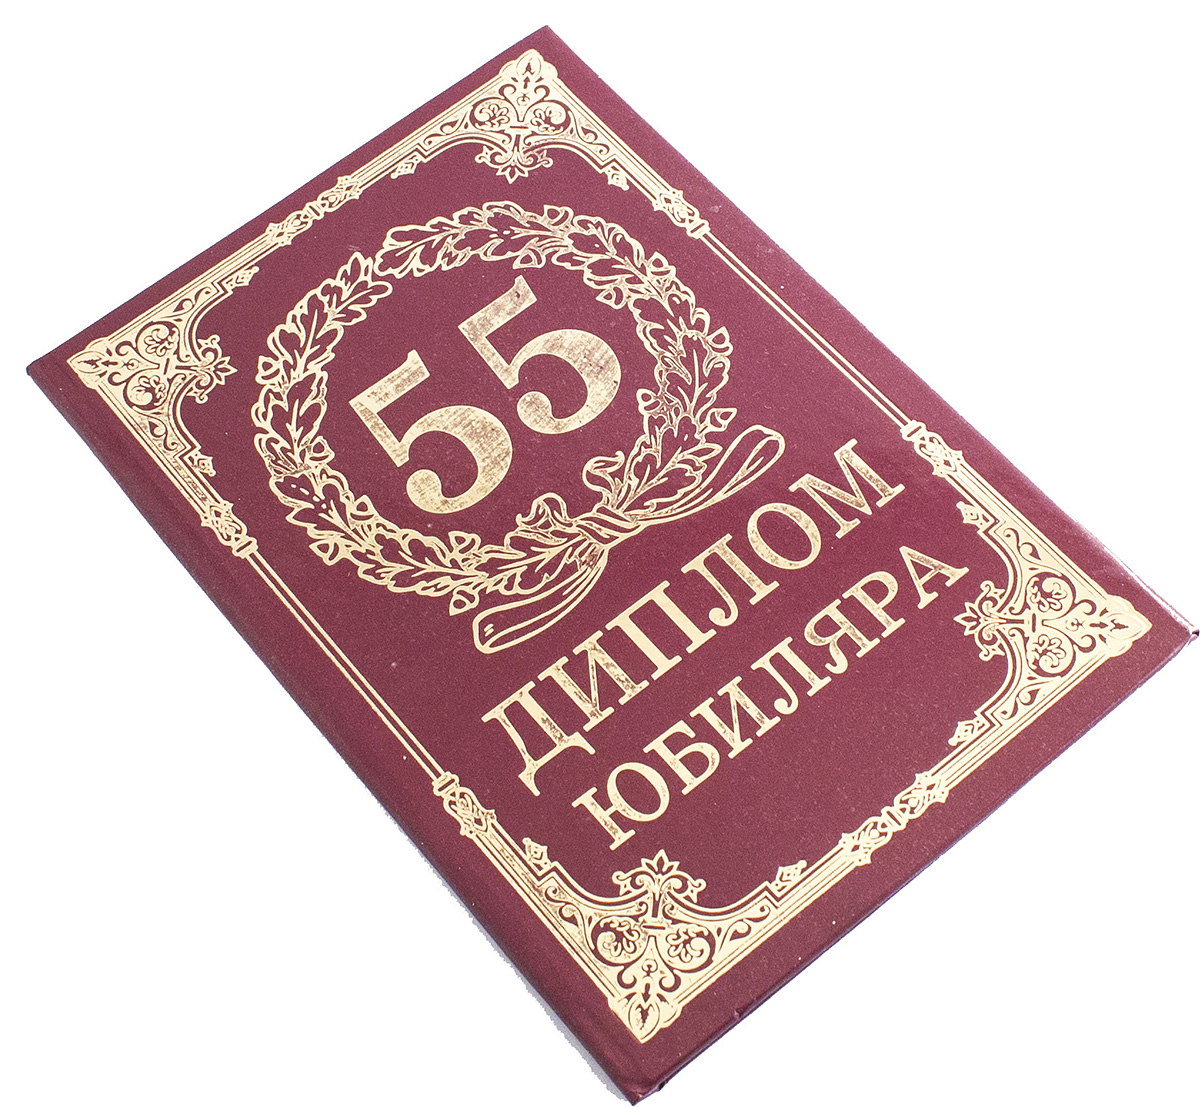 Диплом сувенирный Эврика 55 лет, A6, цвет: красный. 9344793447Диплом выполнен из картона, полиграфически оформлен и украшен золотым тиснением. Красочно декорированный наградной диплом с шутливым поздравлением станет прекрасным дополнением к подарку, подскажет идею застольной речи или тоста, поможет выразить теплые чувства к адресату.